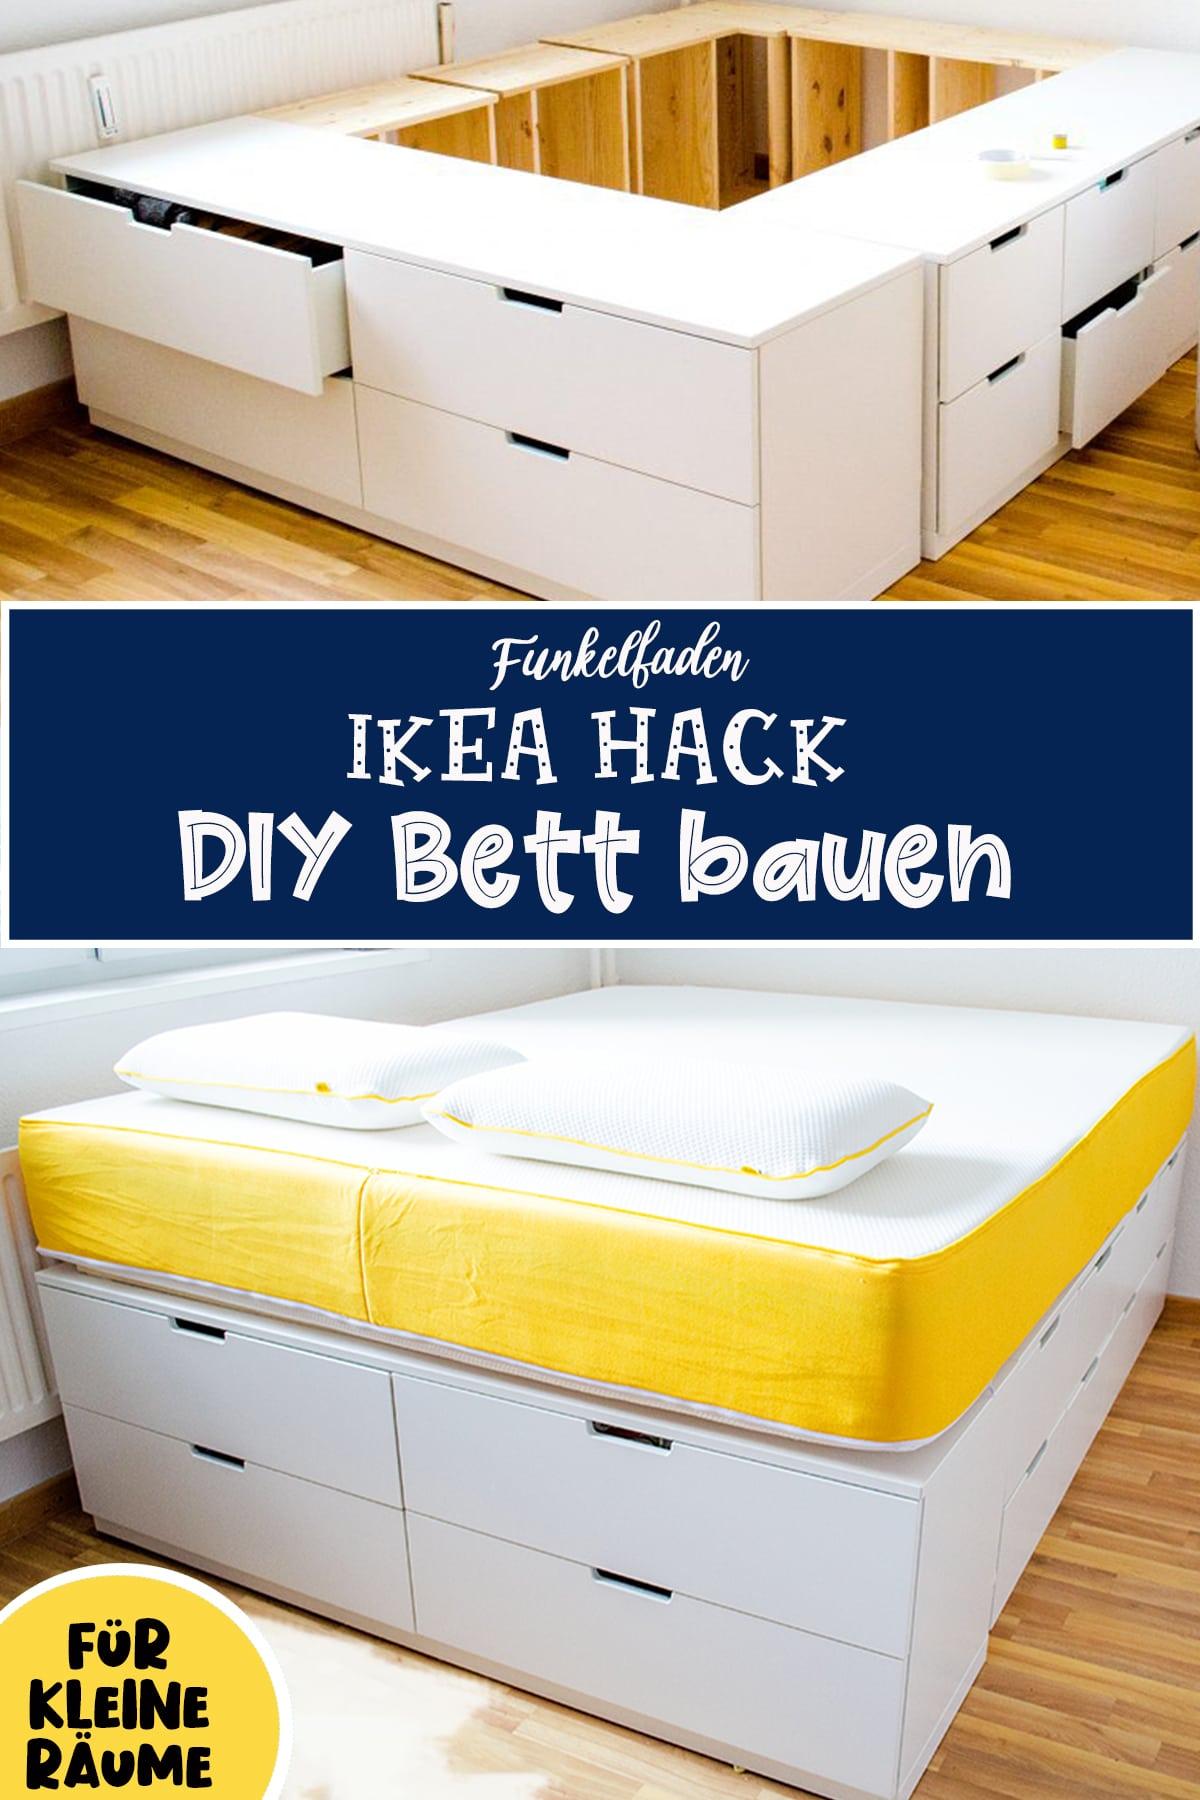 Full Size of Lattenrost Klappbar Ikea Diy Hack Bett Selber Bauen Aus 5 Nordli Plattformbett 90x200 Mit Betten Bei 120x200 Matratze Und Ausklappbar Sofa Schlaffunktion Wohnzimmer Lattenrost Klappbar Ikea